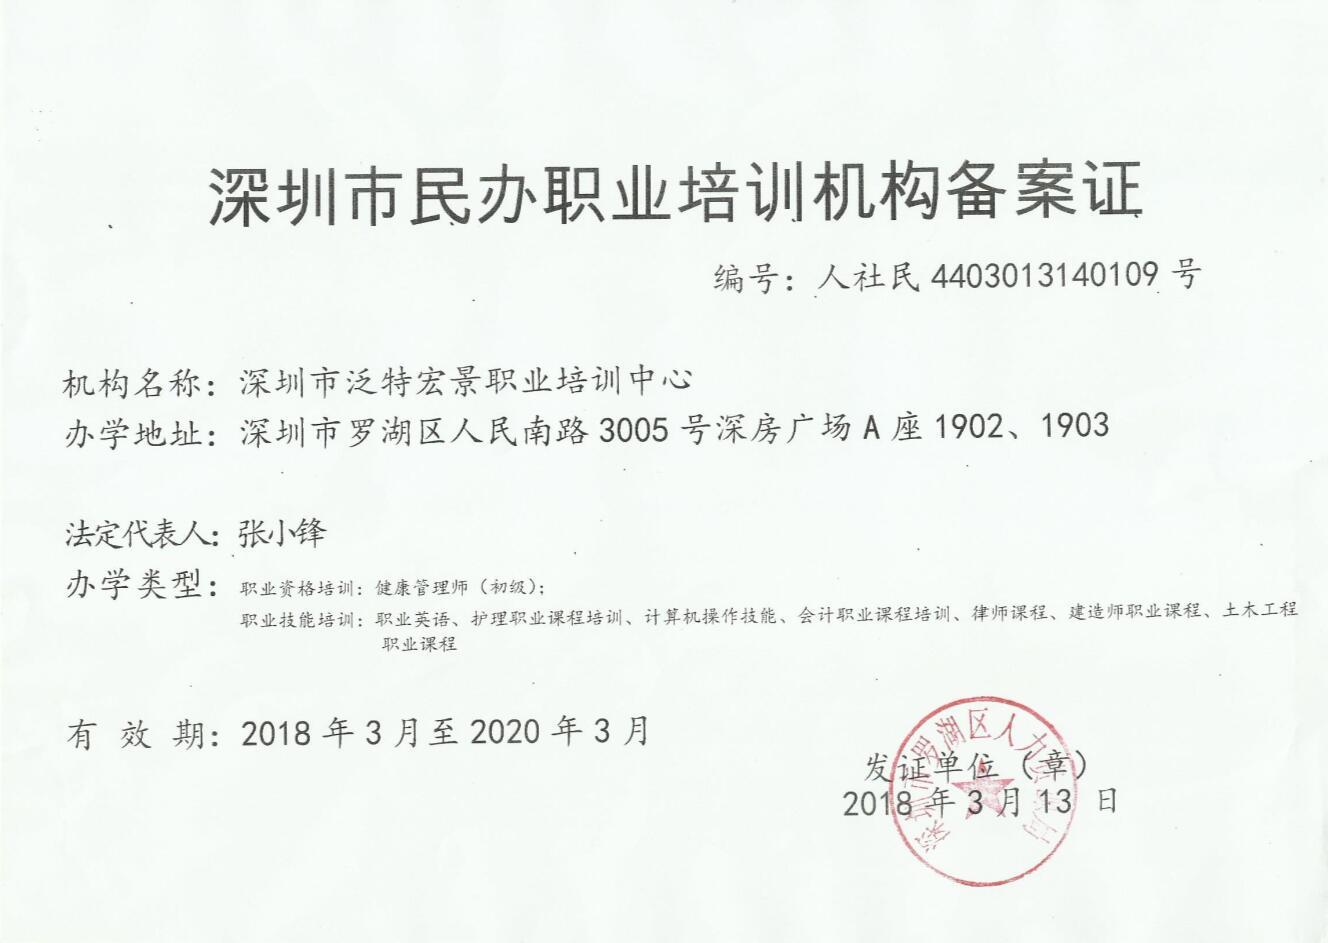 泛特宏景职业培训中心,中国人民共和国教育培训办学许可证